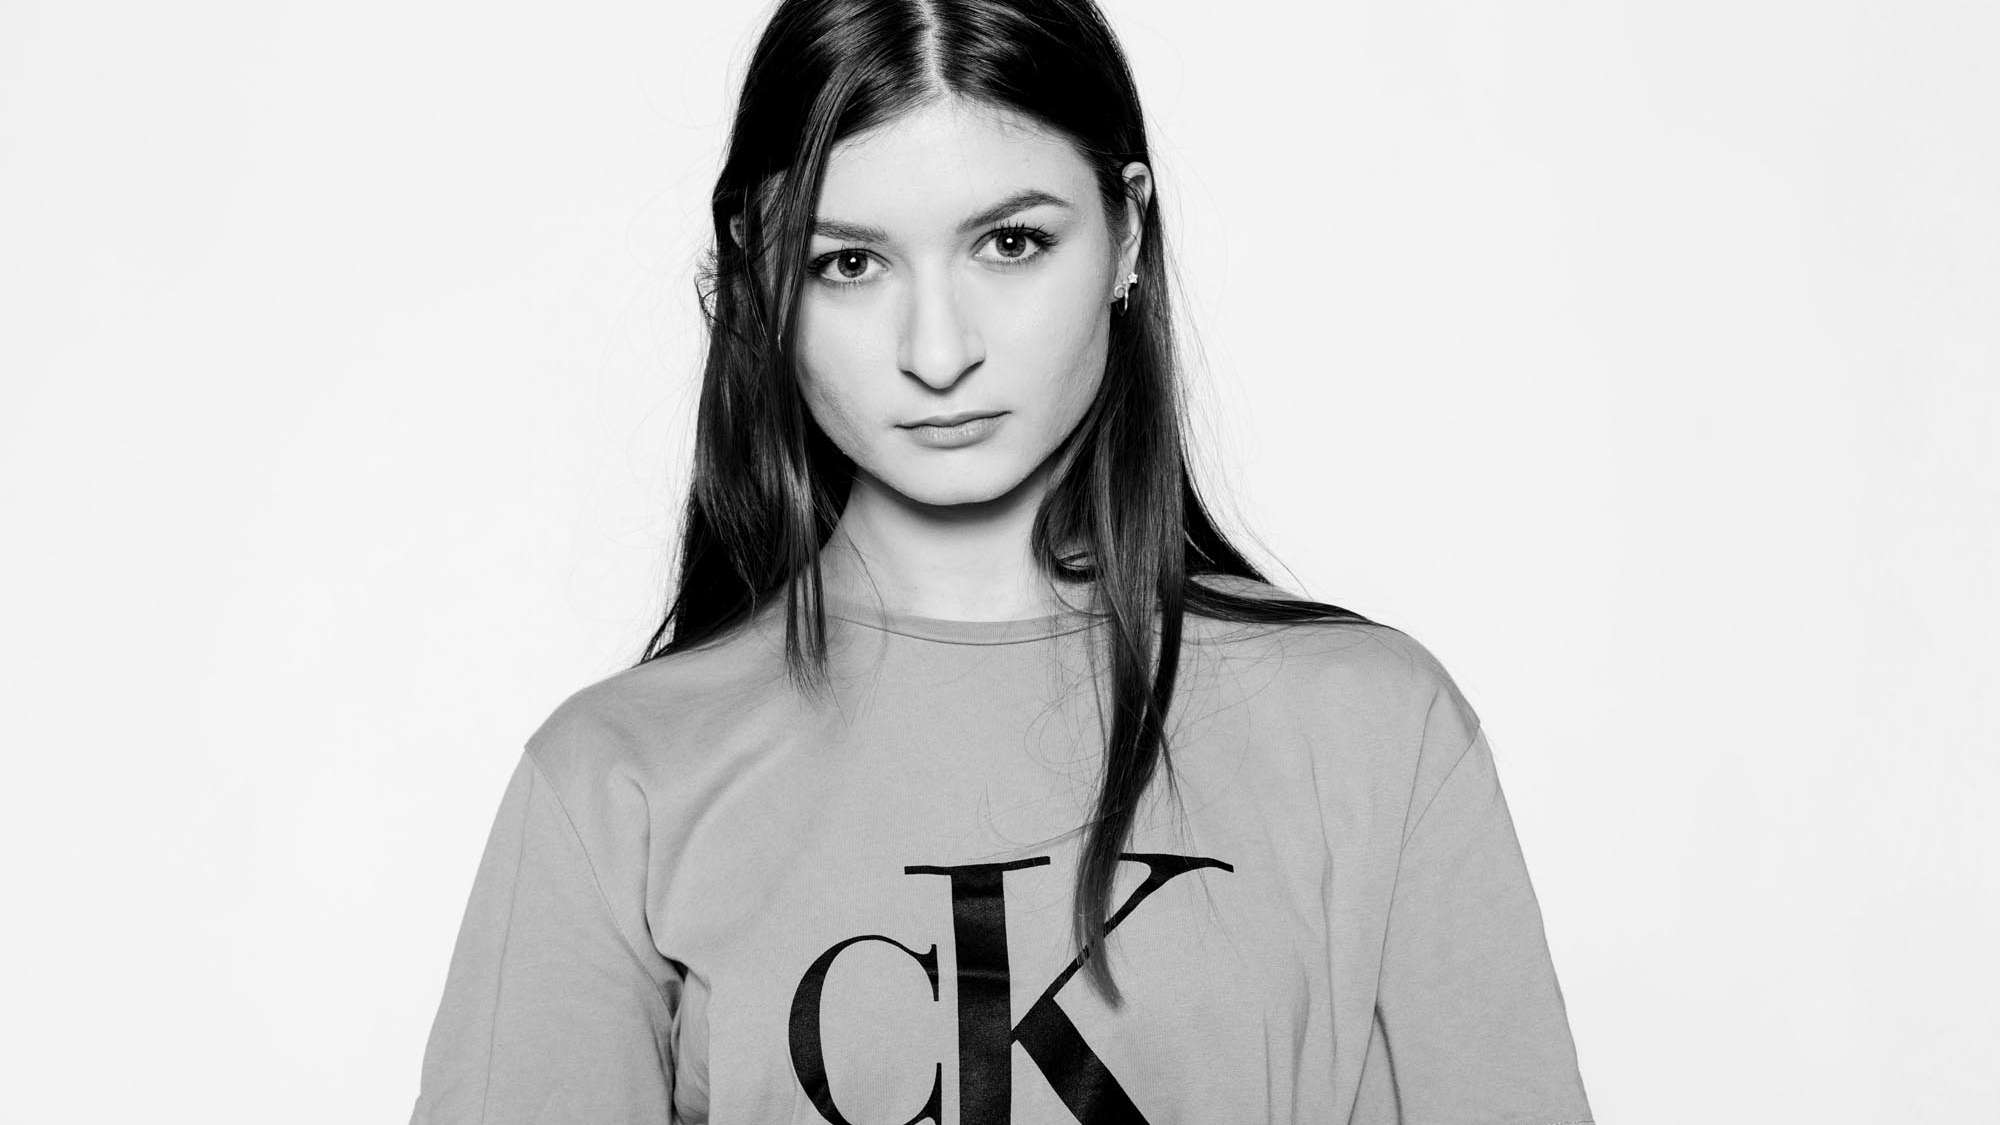 Catalogo per Brand abbigliamento e accessori - catalogo moda - catalogo roma - still life - pubblicazioni internazionali